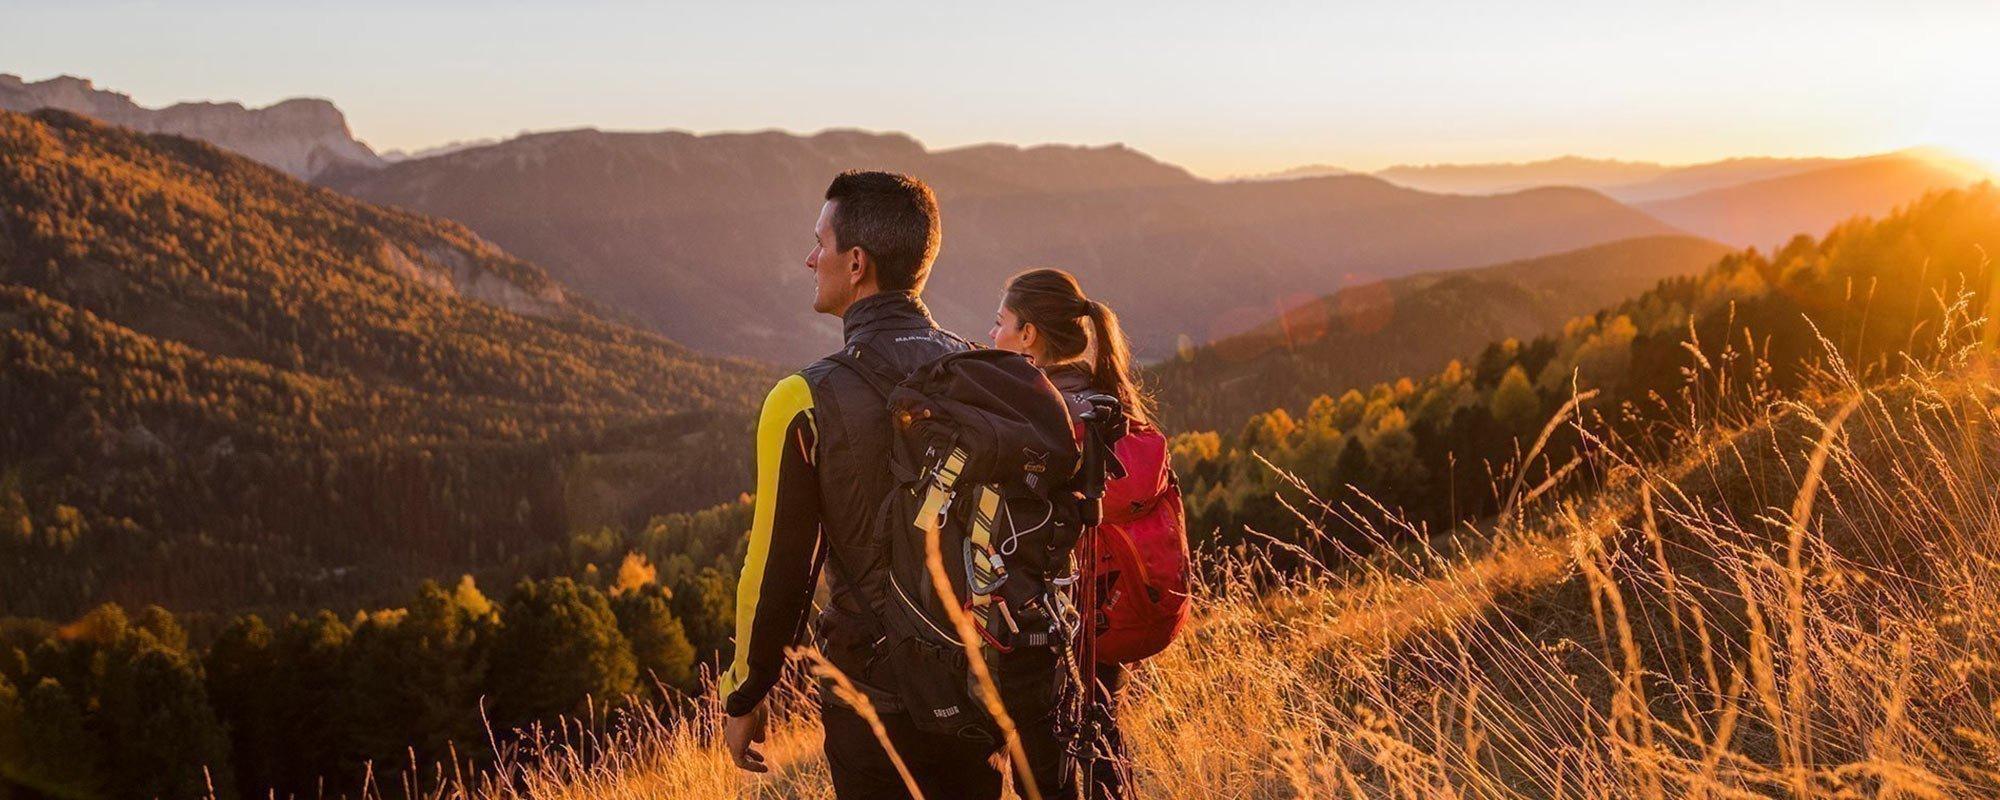 fantastisches Erlebnis in der bunten Herbstlandschaft der Dolomiten